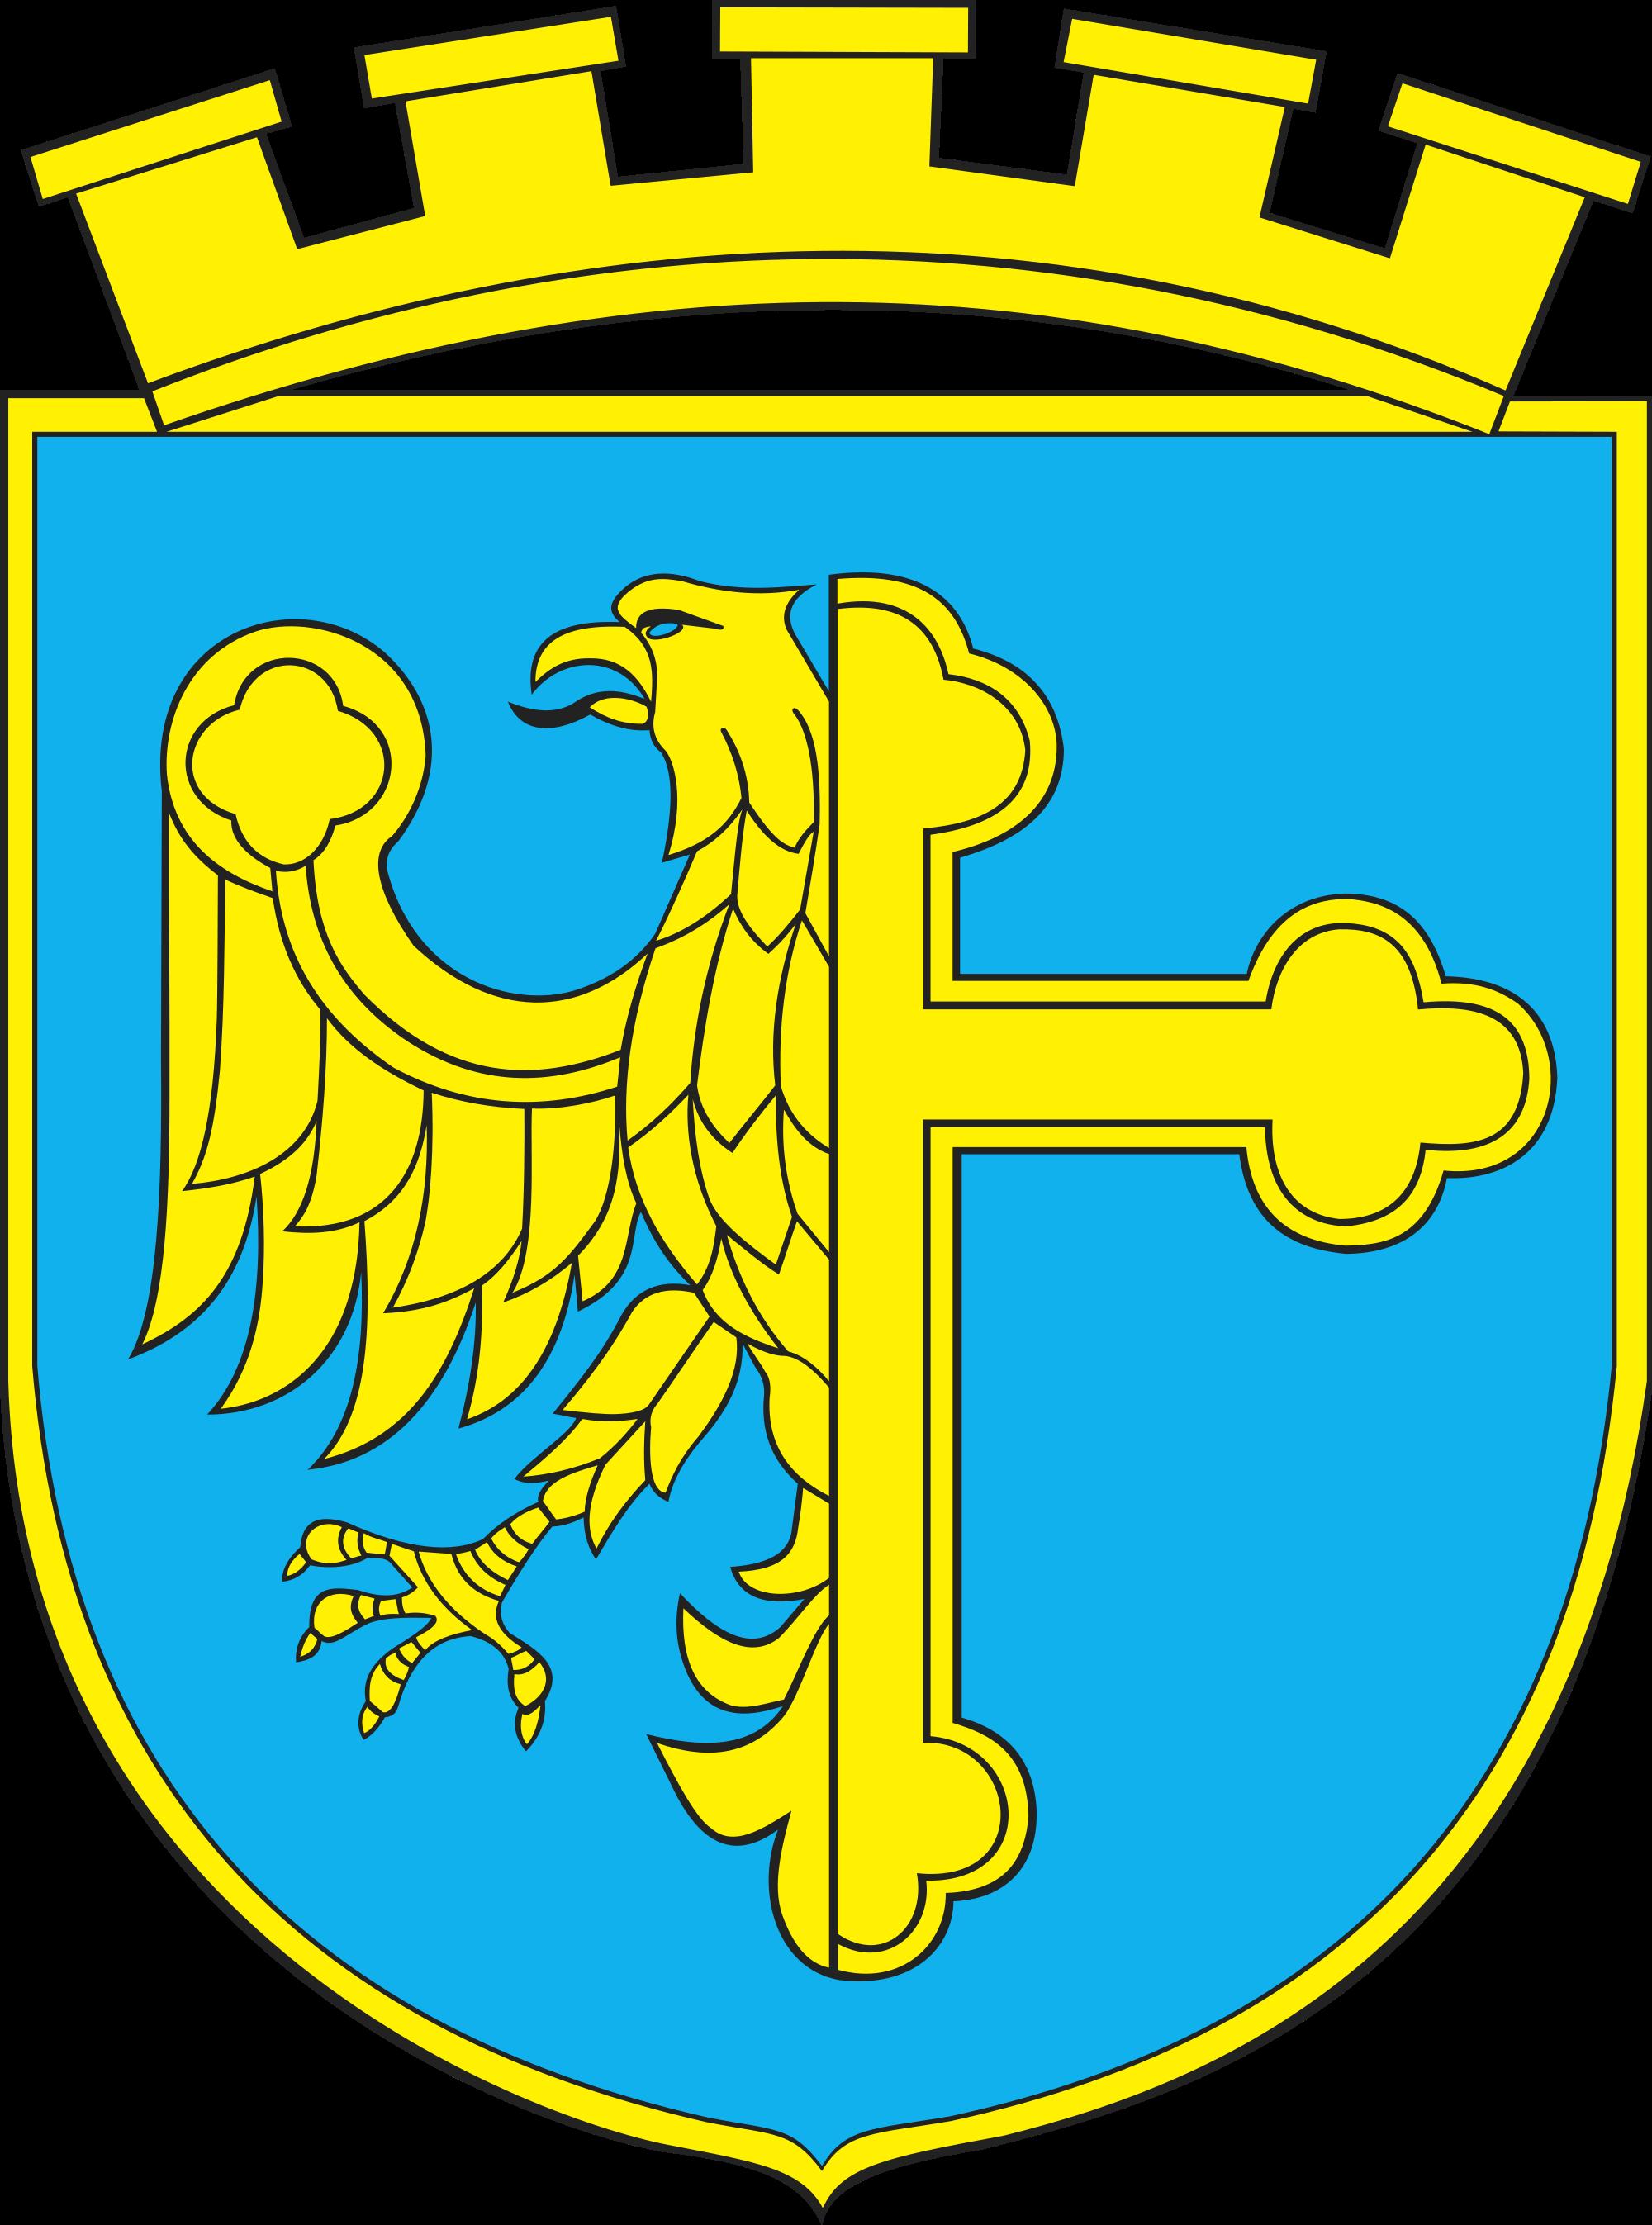 Opolski herb